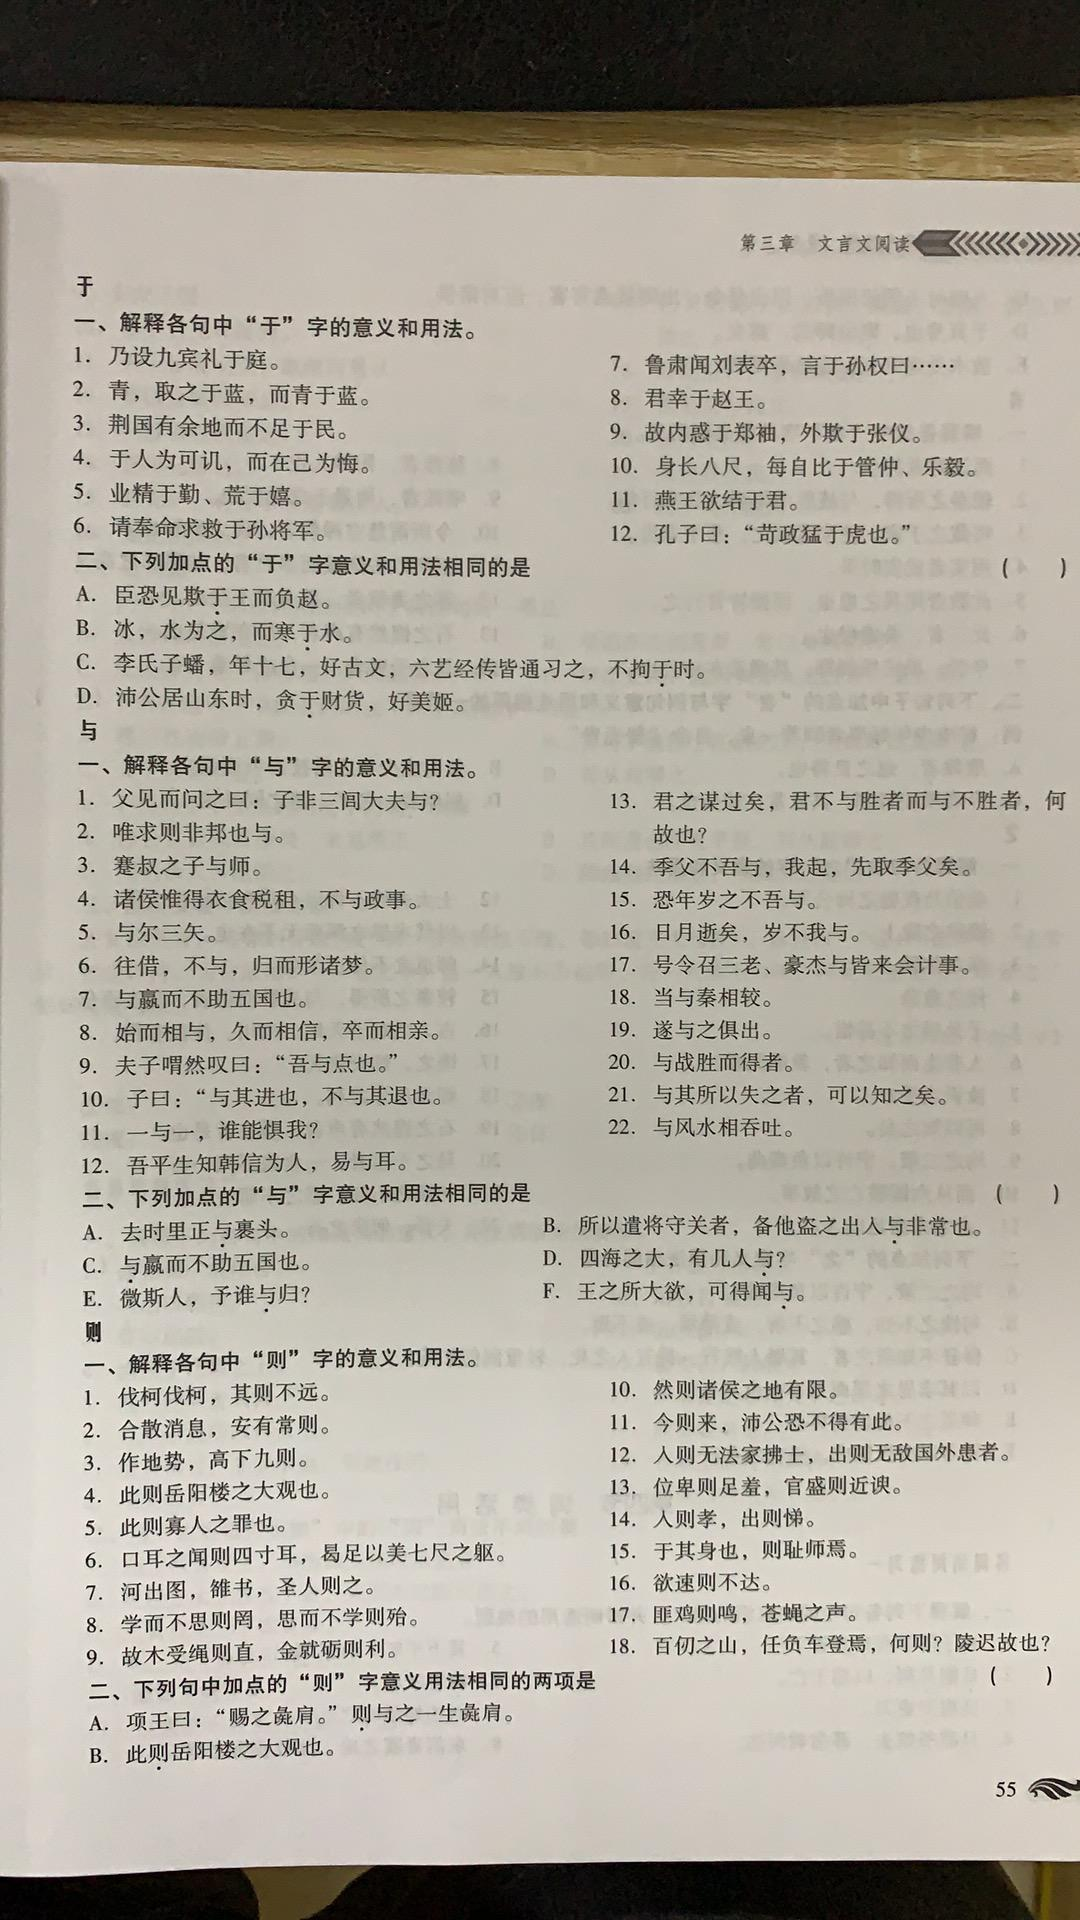 中山语文高职高考培训教材